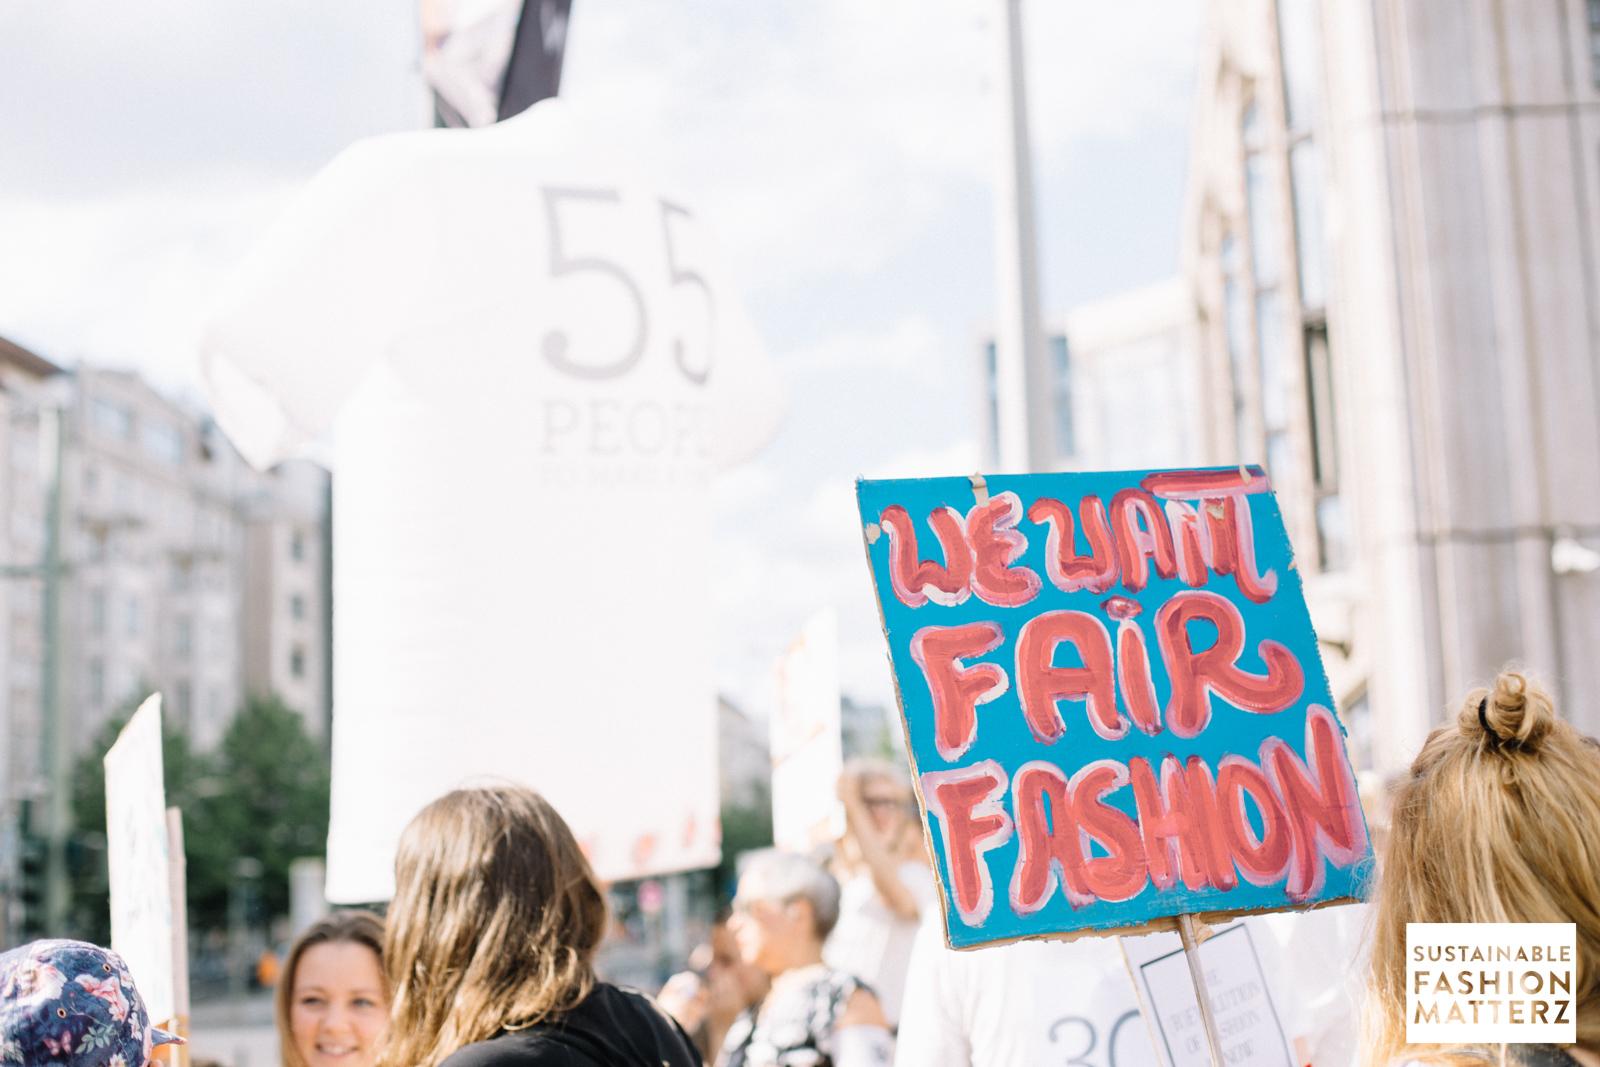 fashion-revolution-berlin-2019-35.jpg